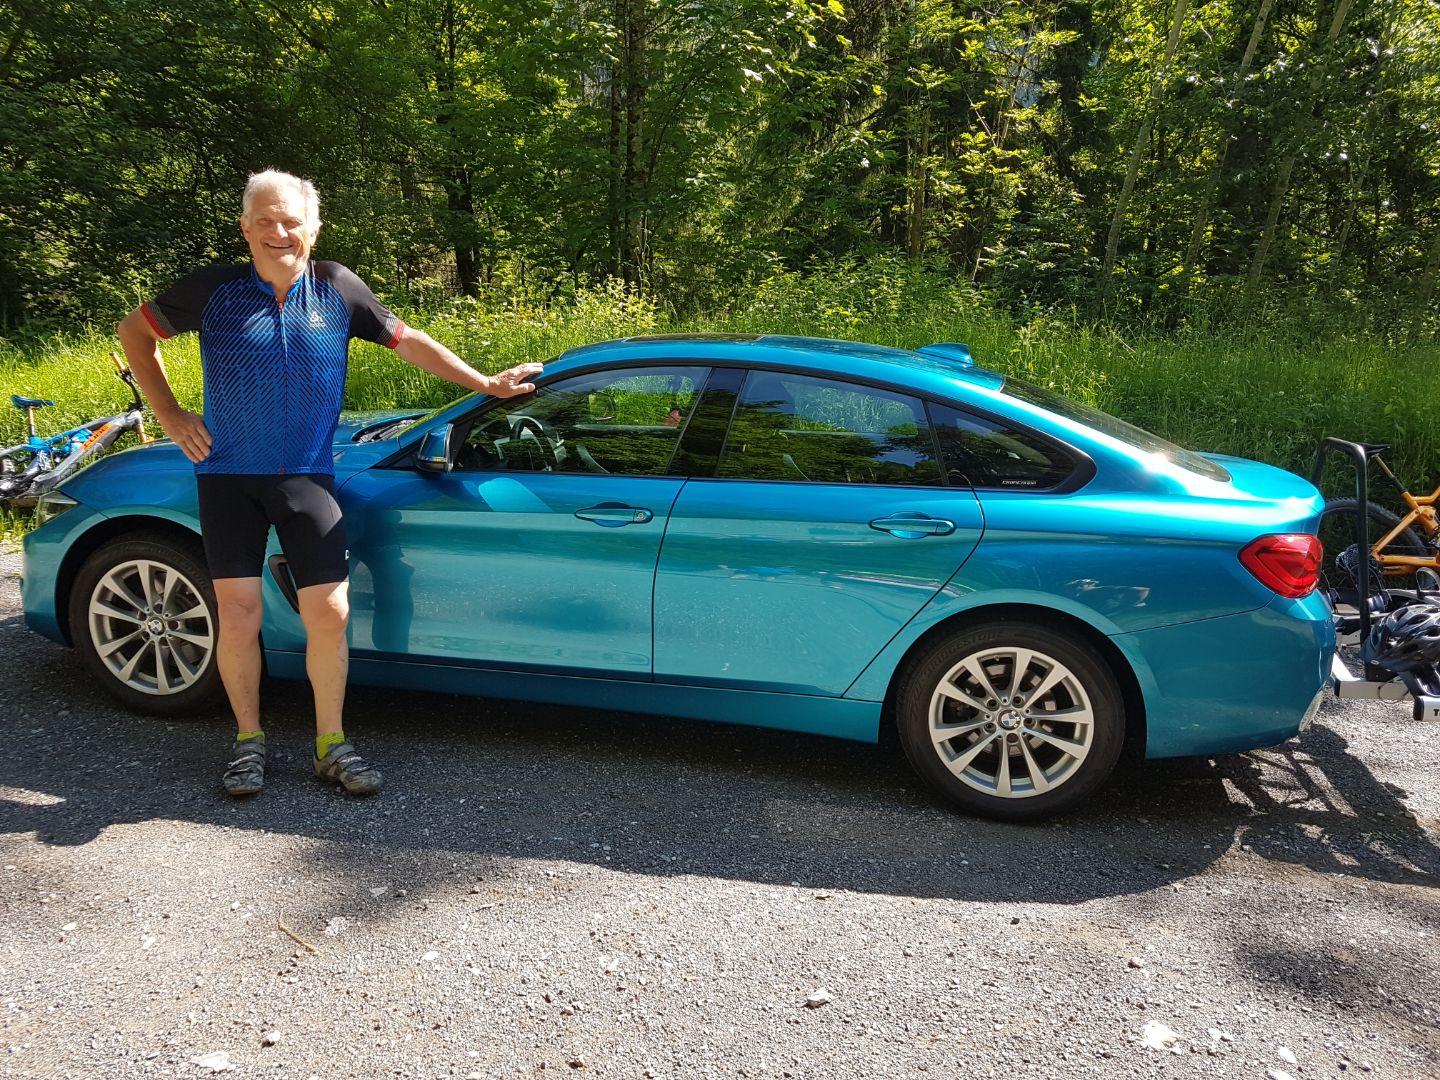 Importateur BMW Occasion Allemagne - Carcelle.com - Mandataire Automobile - BMW Série 4 - livraison à domicile